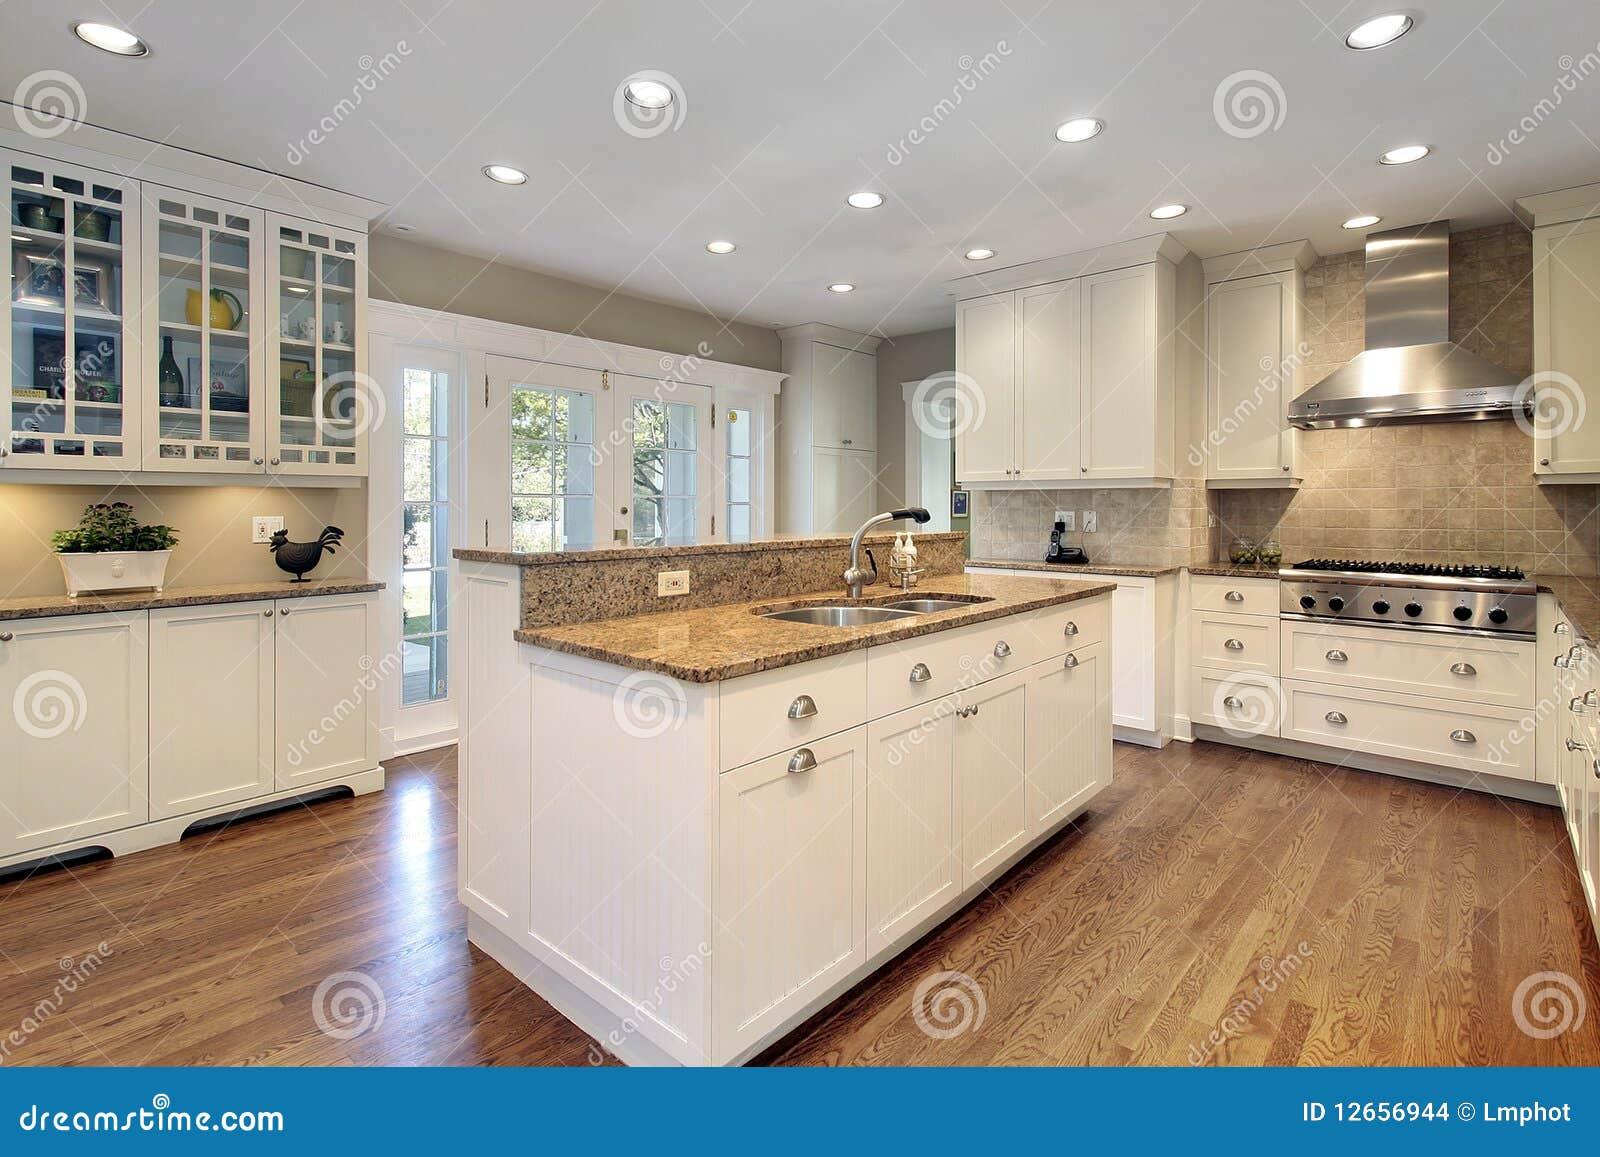 isola Marmo decorazione cucina : Cucina Con Lisola Di Marmo Immagini Stock - Immagine: 12656944